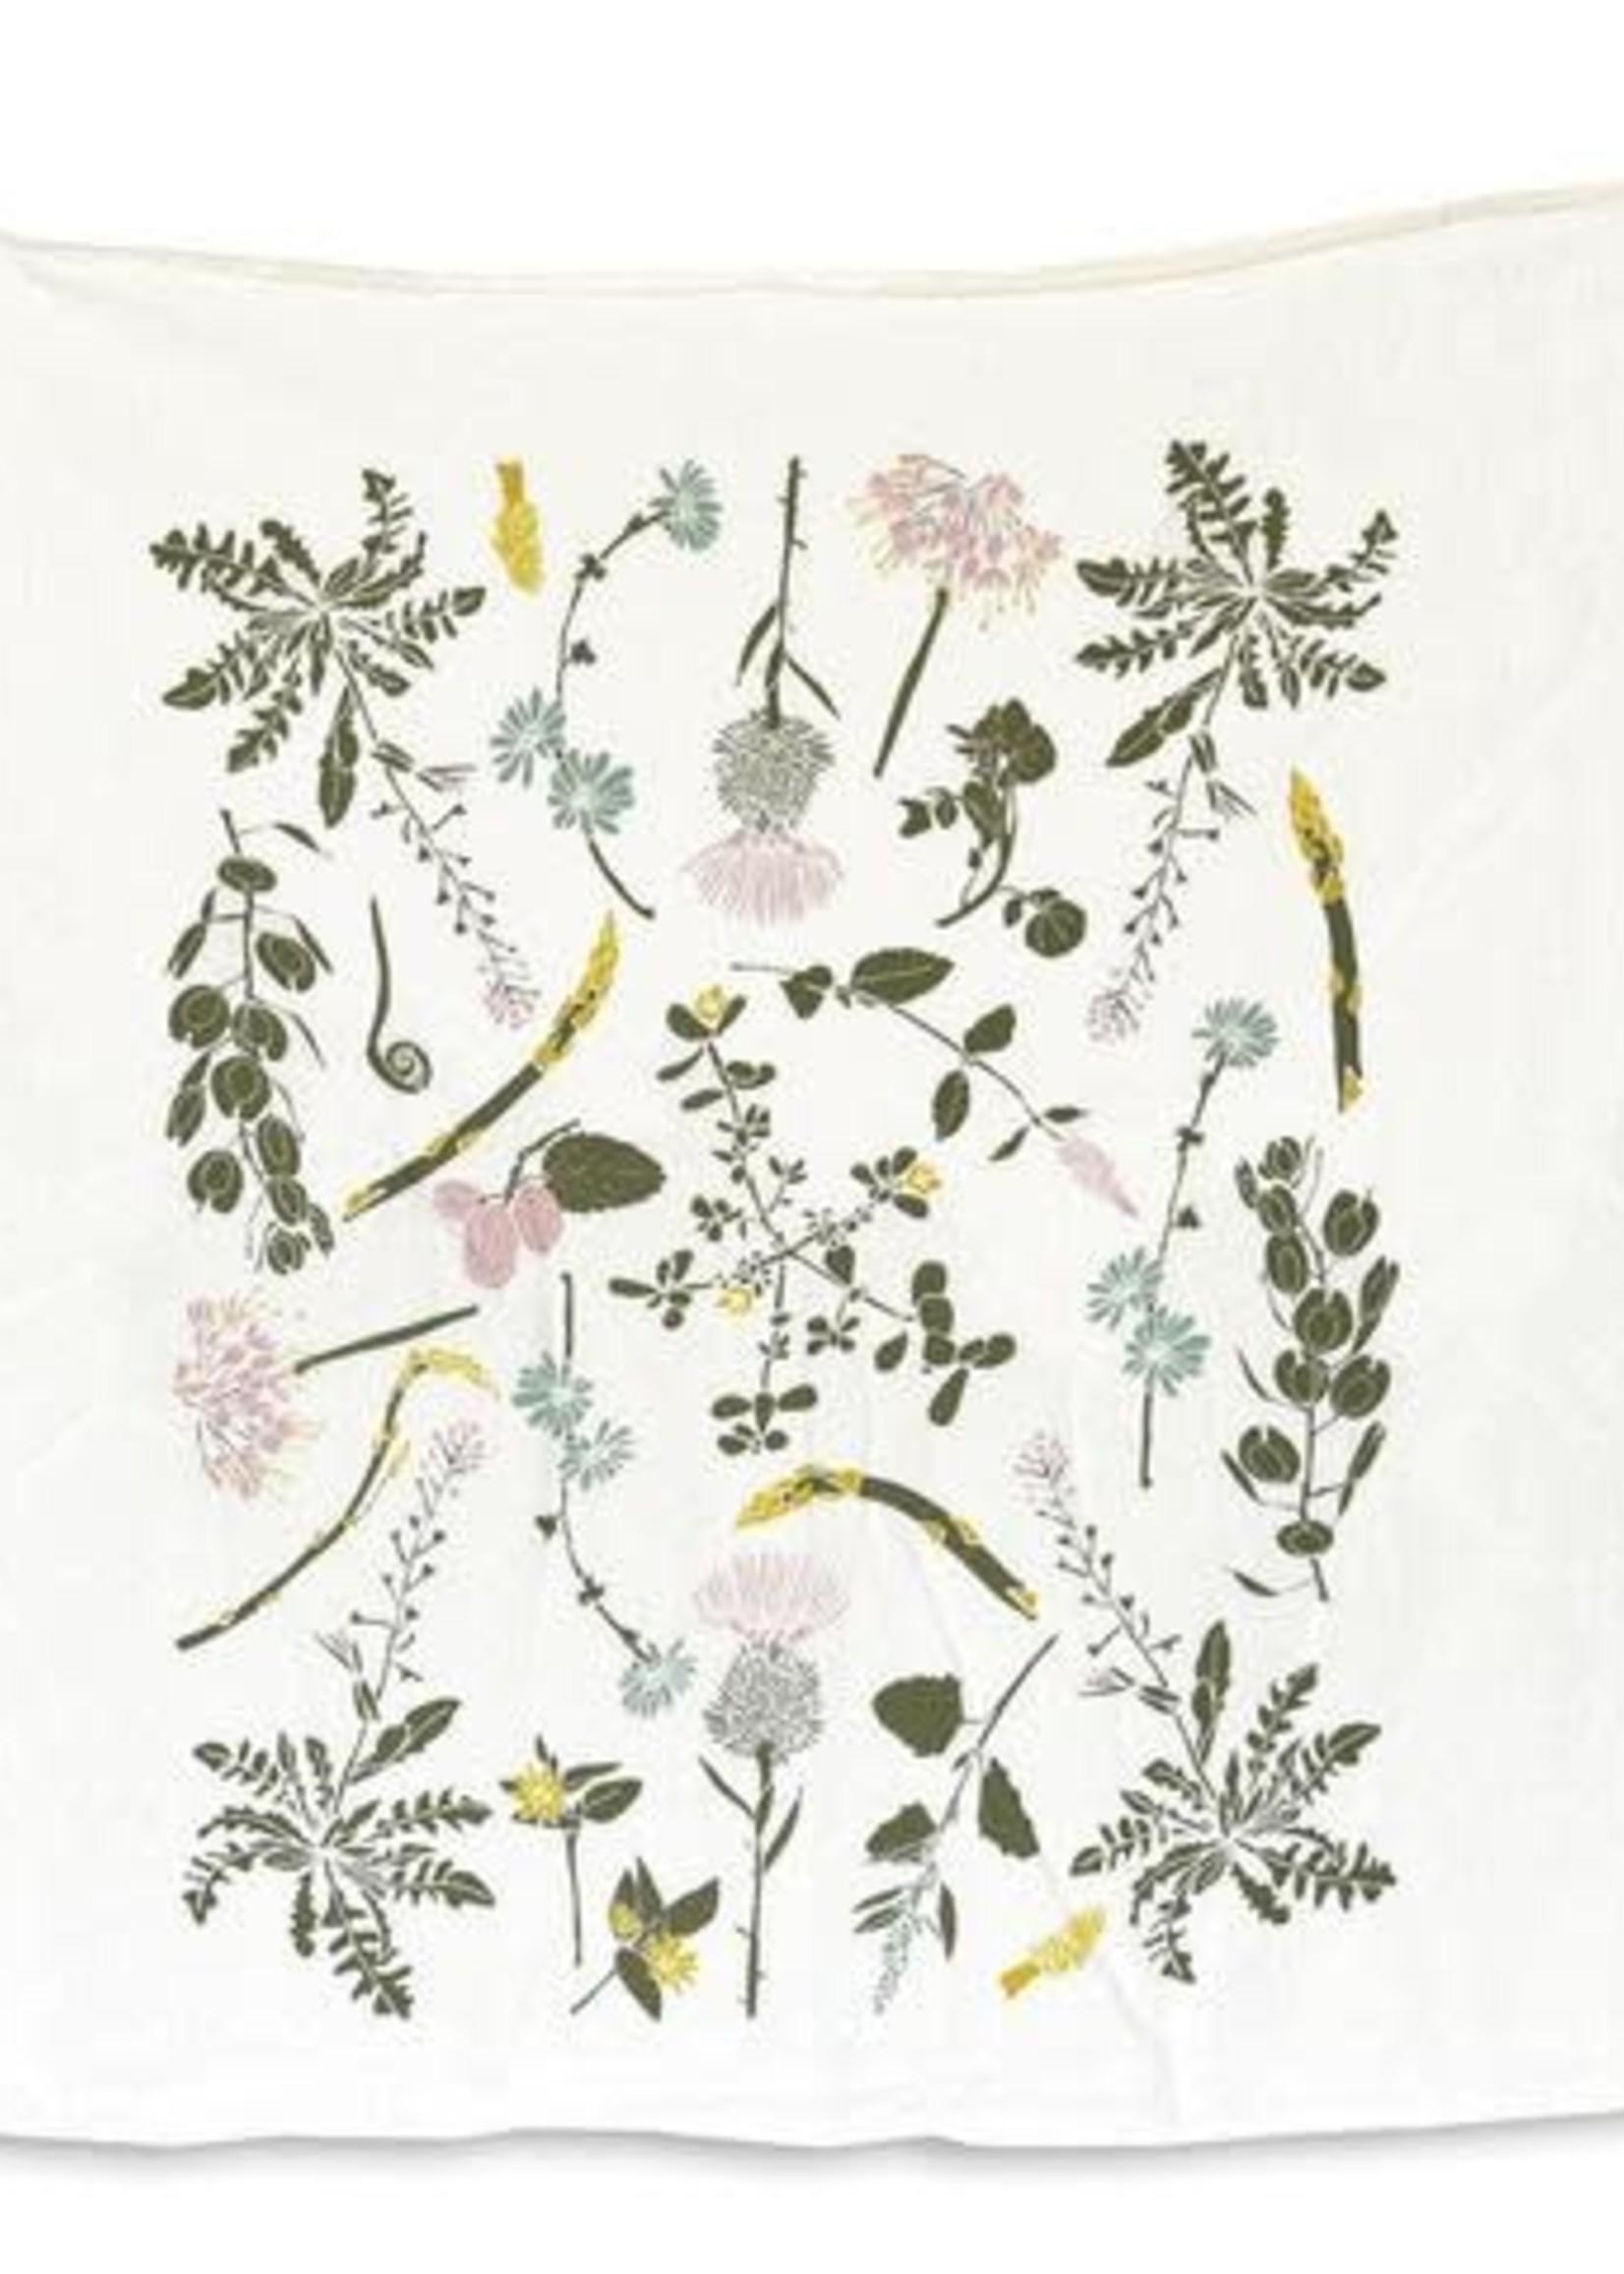 June & December Edible  Wilds Tea Towel